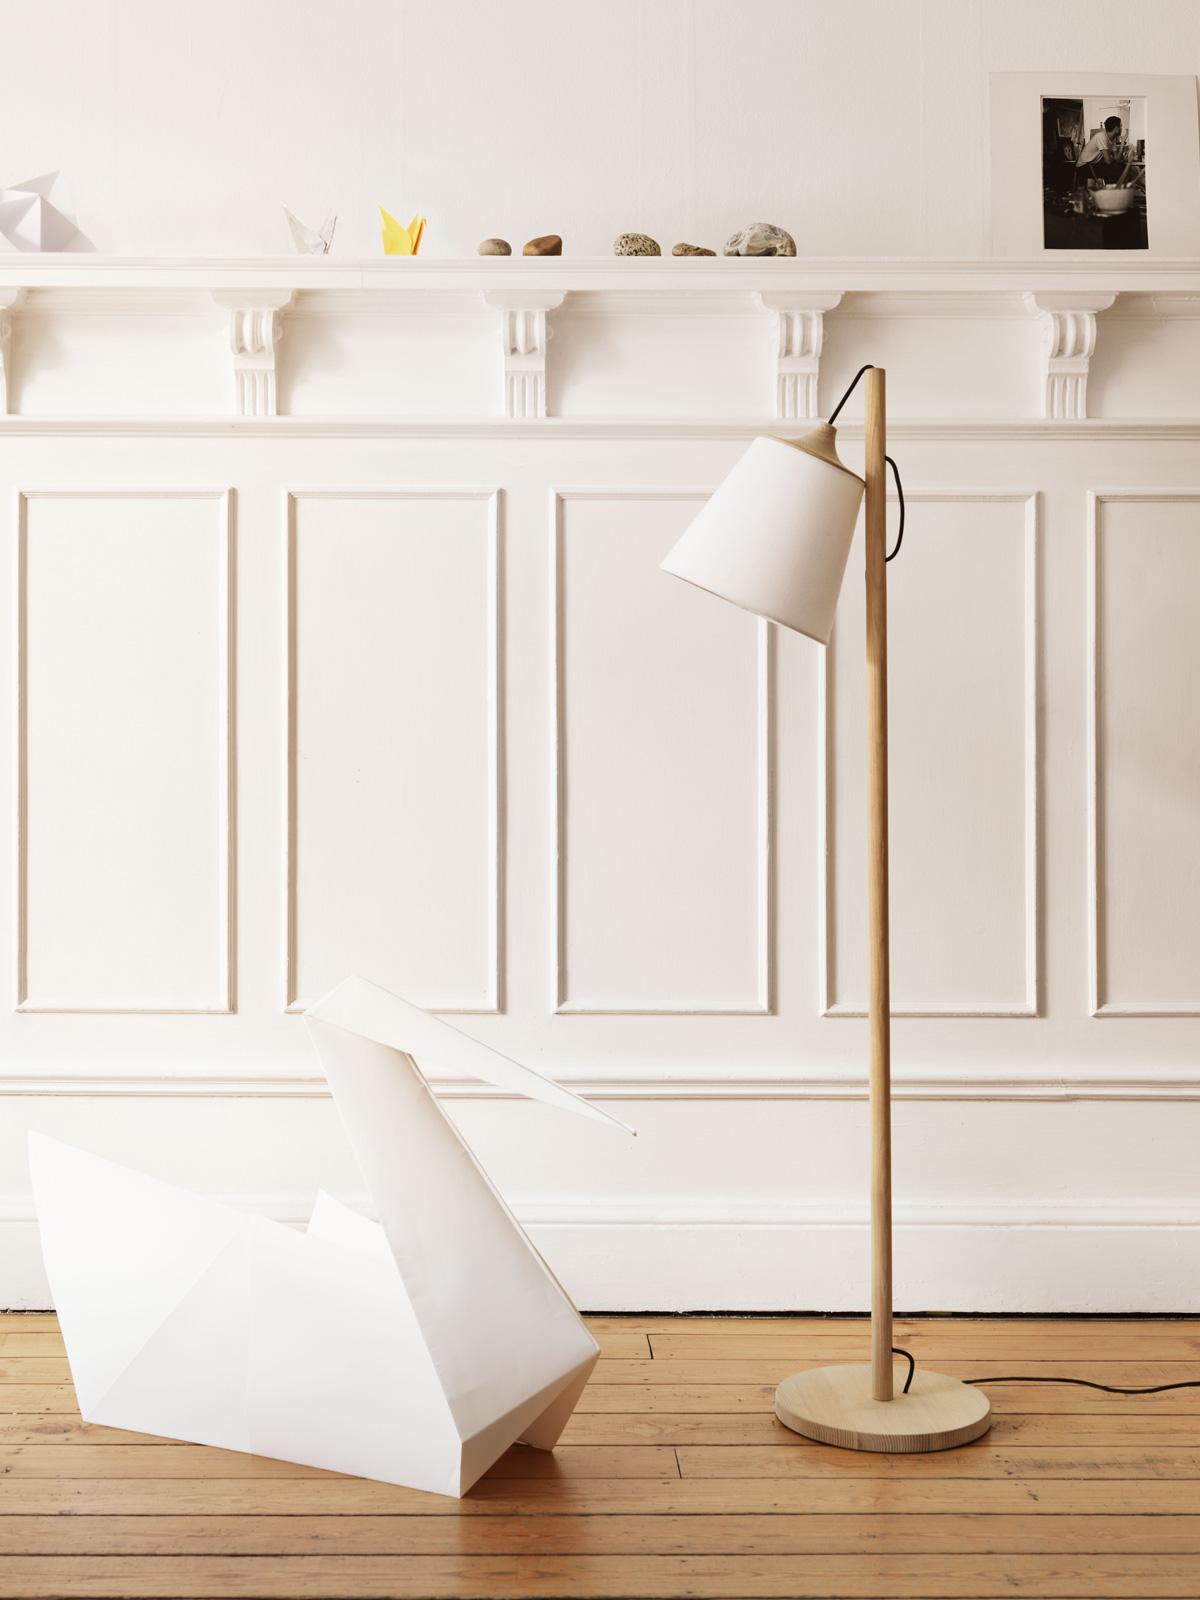 DesignOrt Blog: Ausgefallene Designerleuchten Stehlampe aus Holz von Muuto, Pull